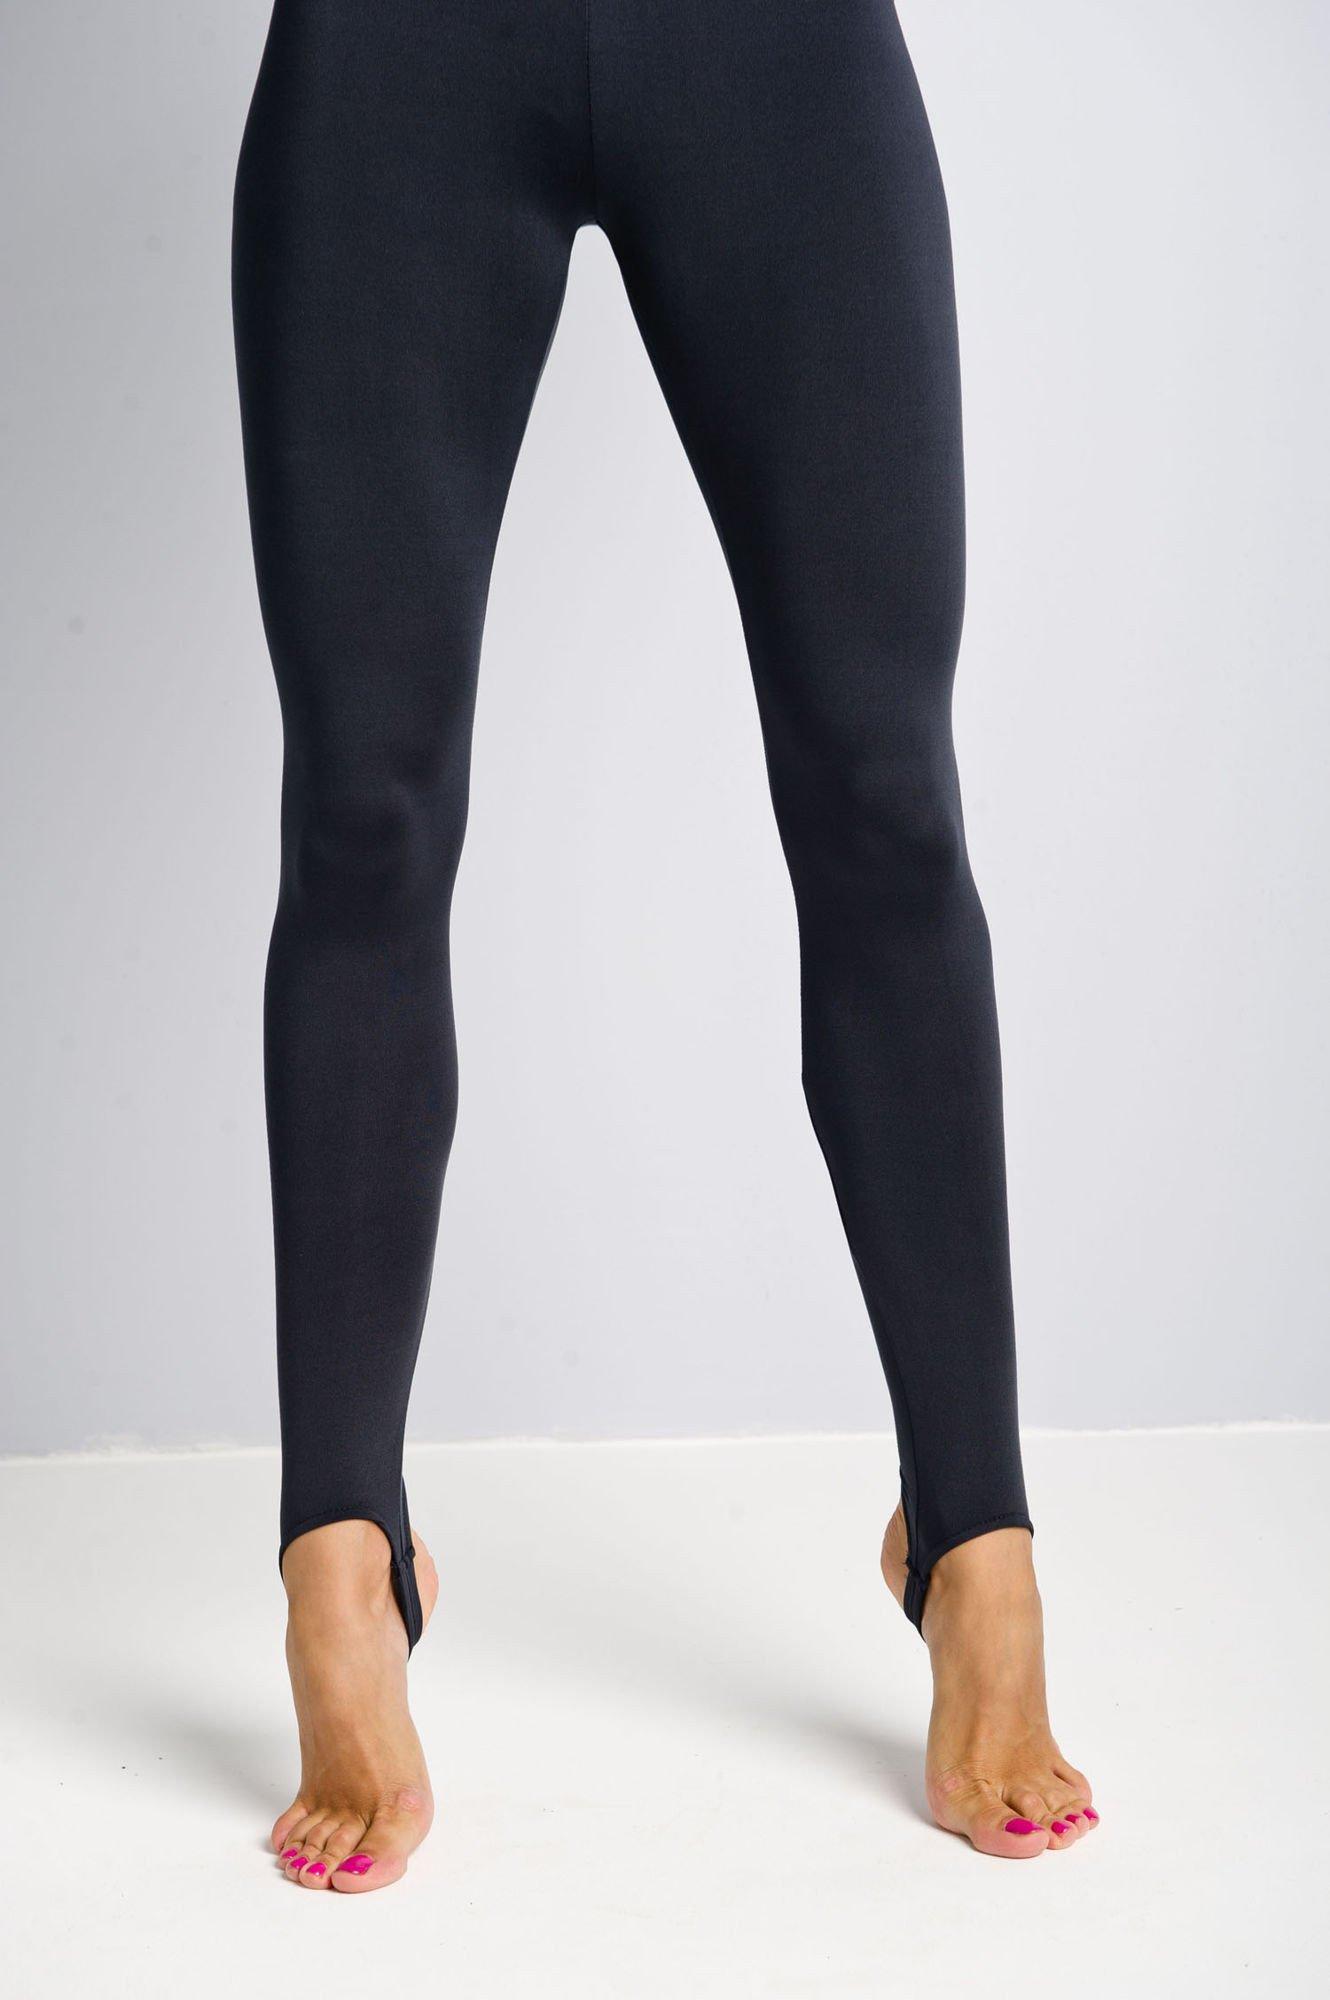 Granatowe legginsy zakładane na stopę                                  zdj.                                  4